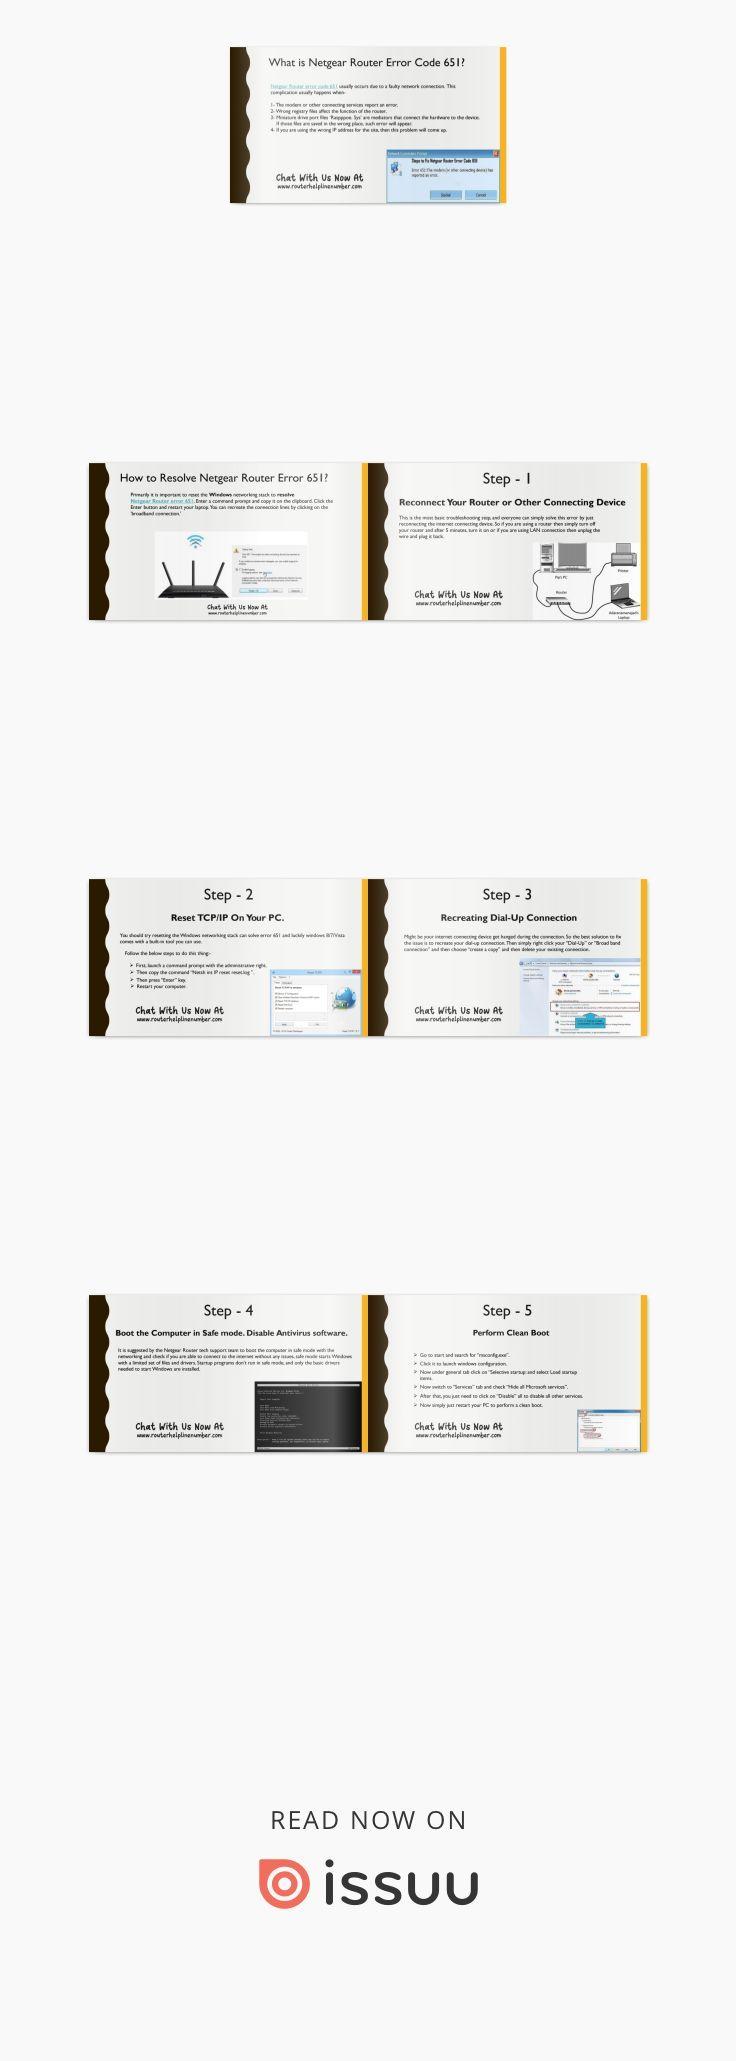 Possible errors behind Netgear error 651 Netgear